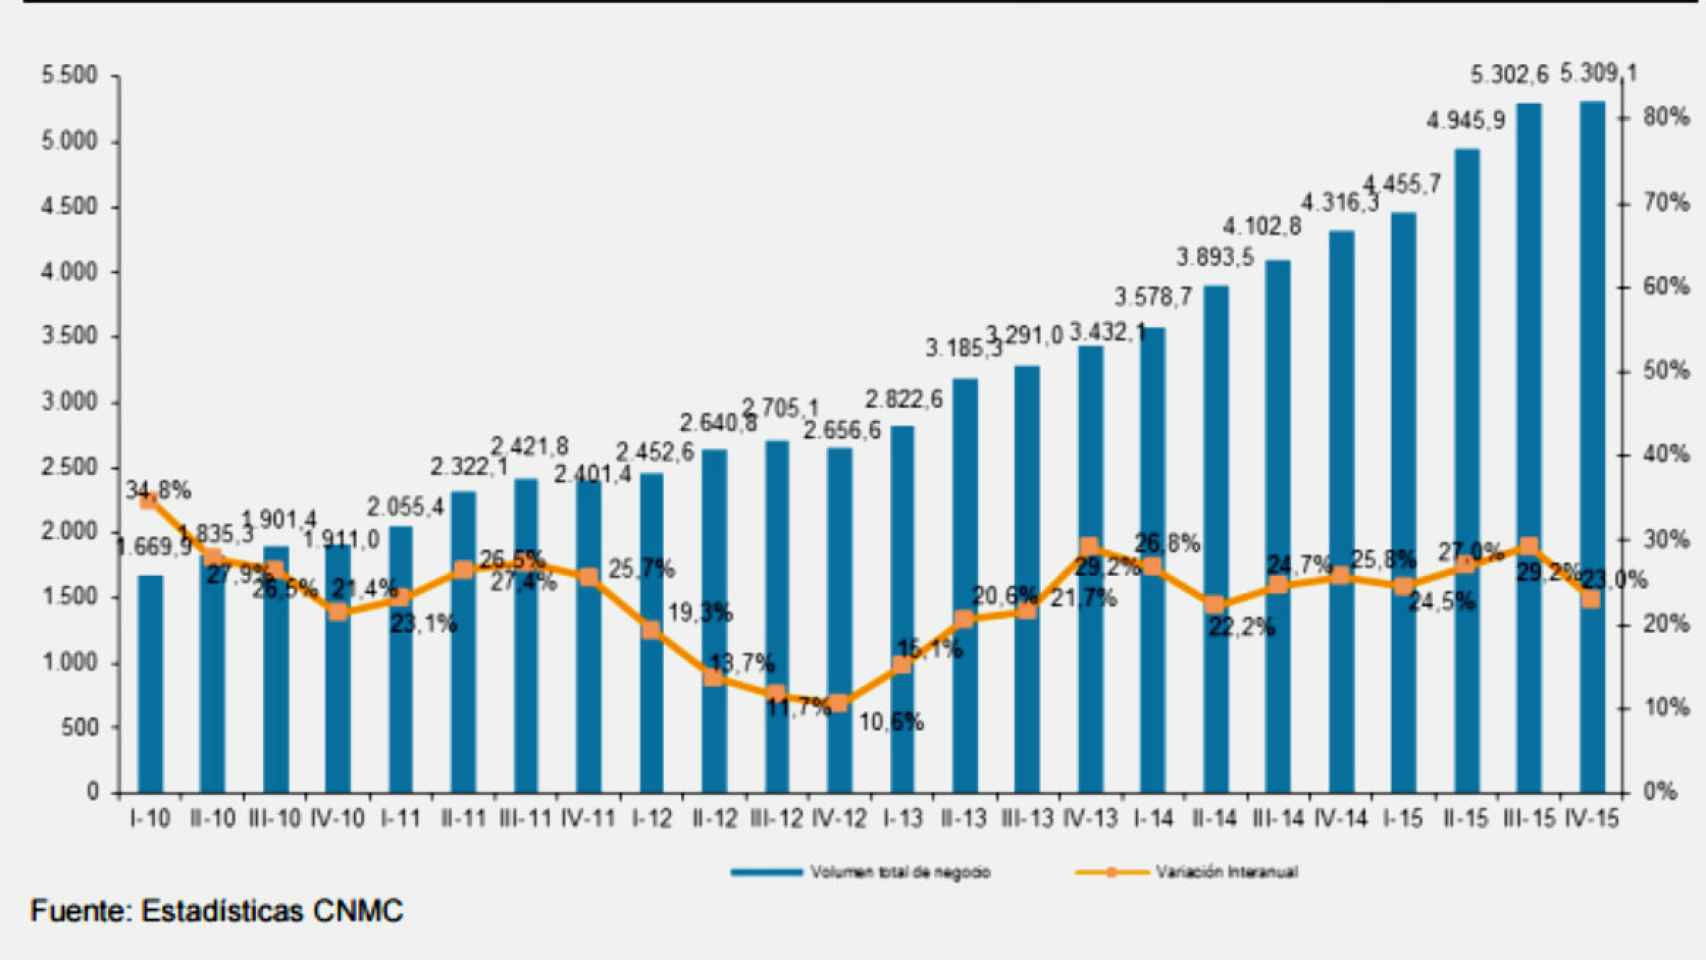 Evolución de la facturación del ecommerce en España.